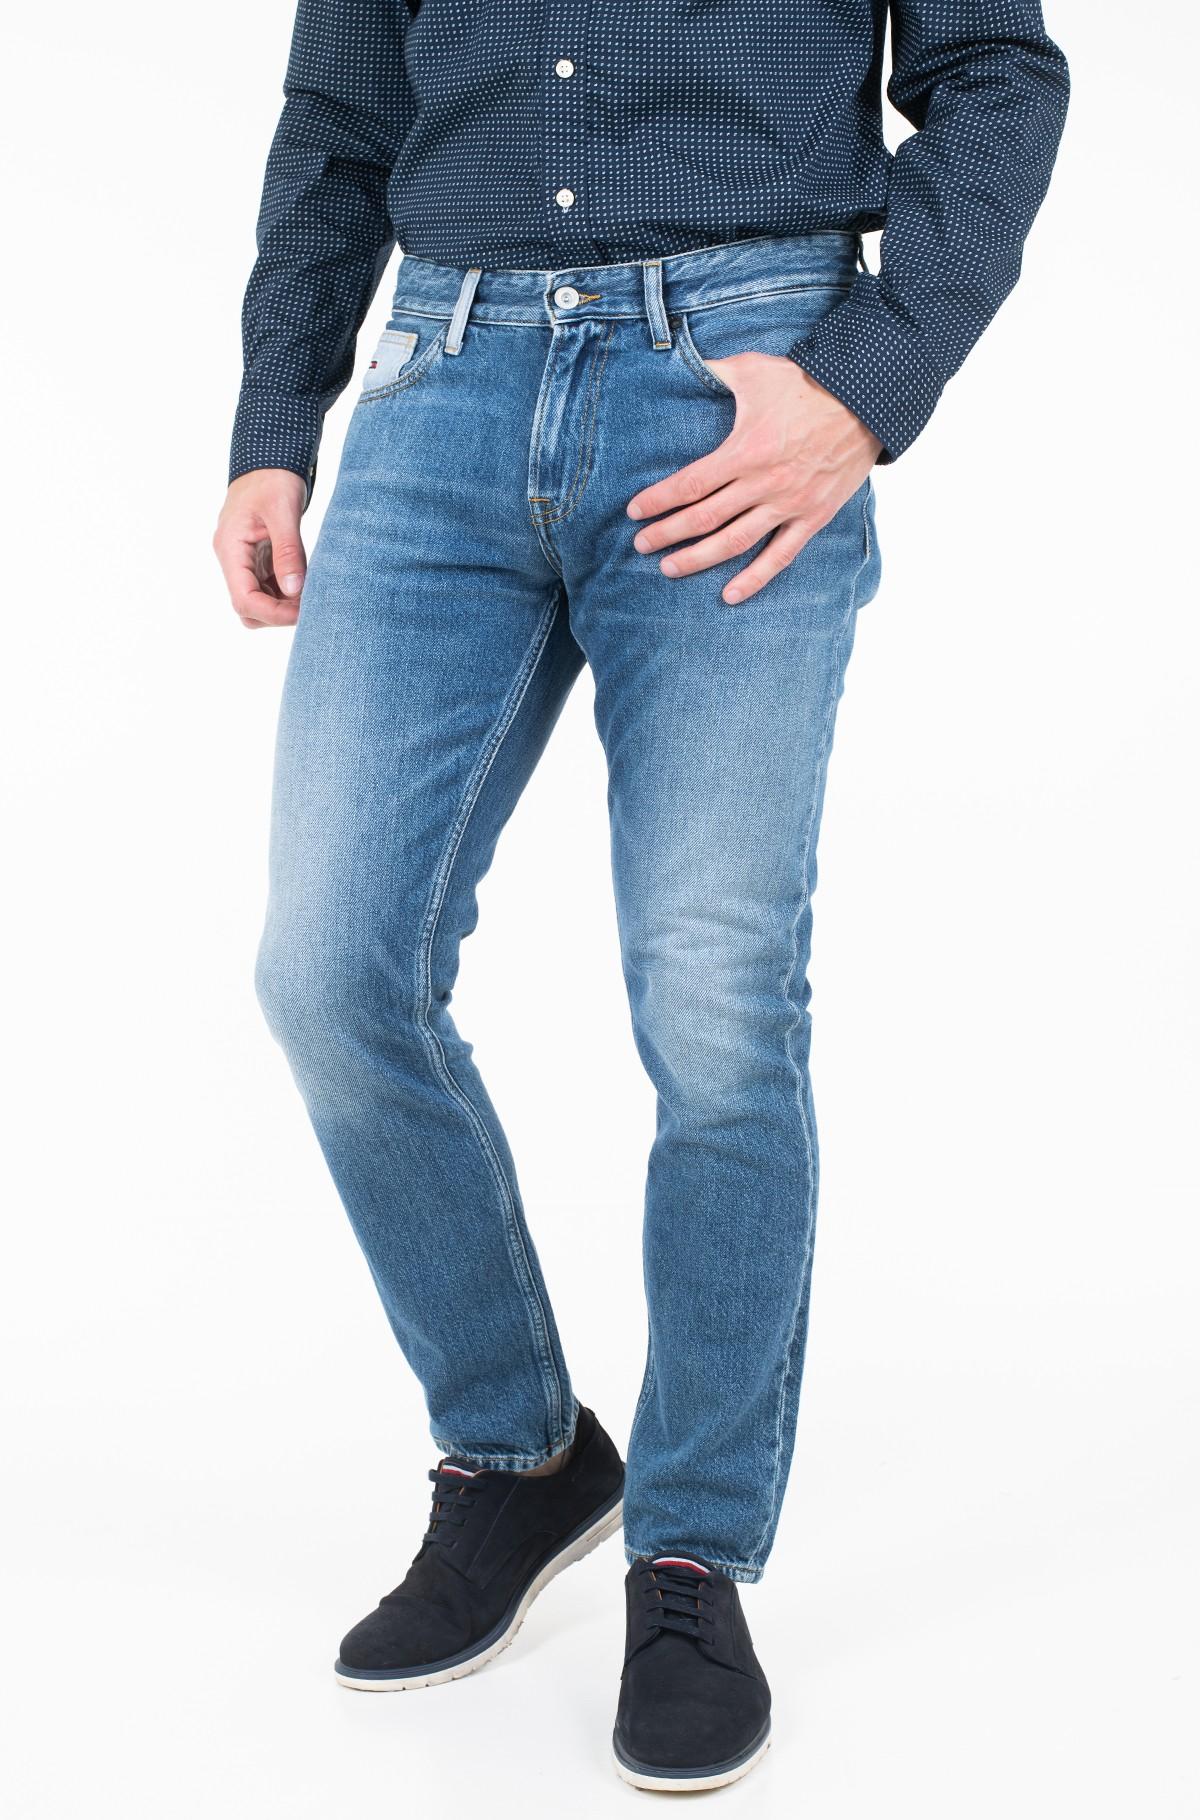 Džinsinės kelnės SCANTON HERITAGE CRMXB-full-1